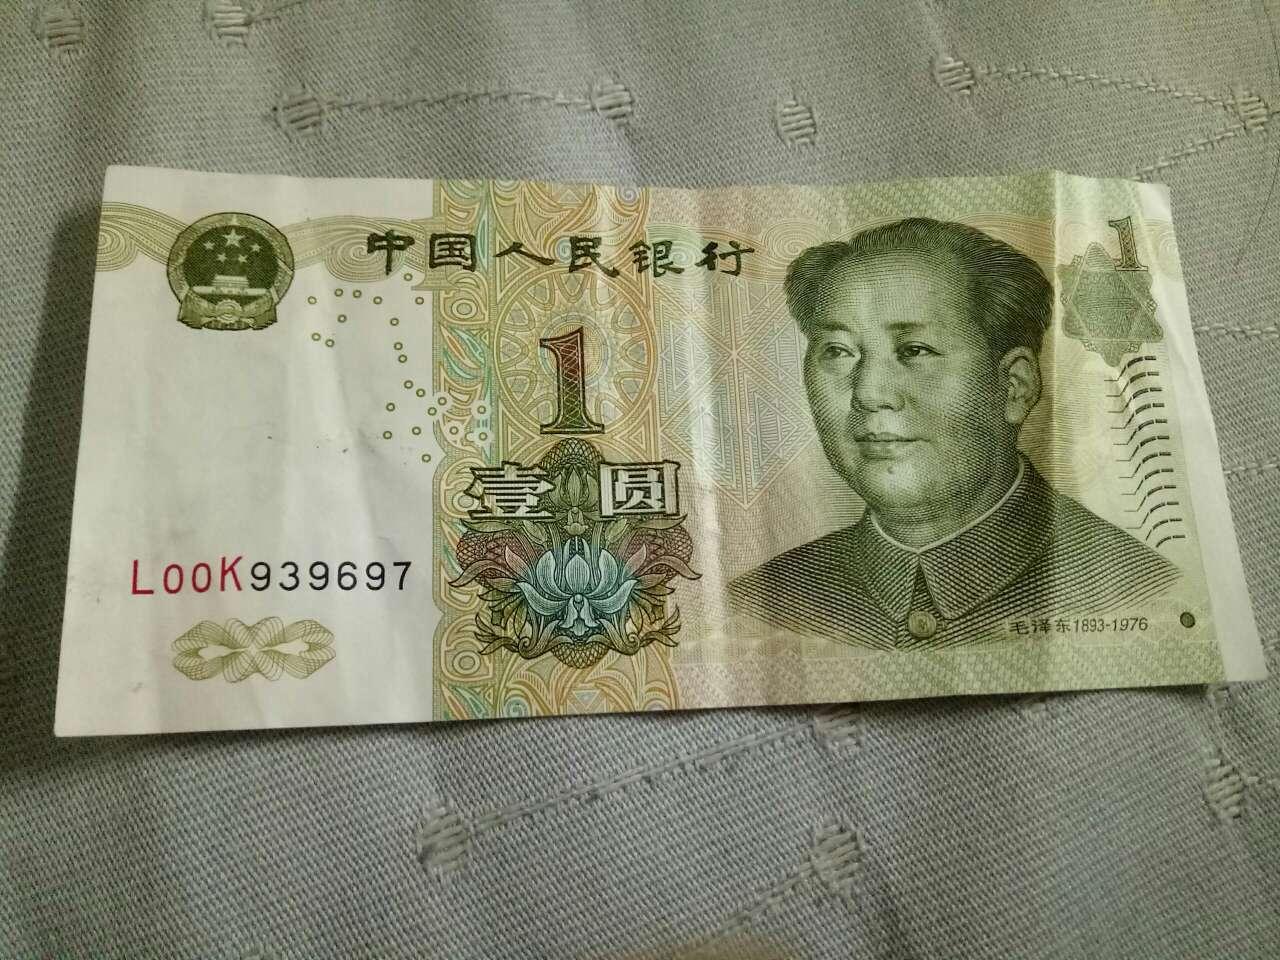 这张钱的字母是LOOK(看)